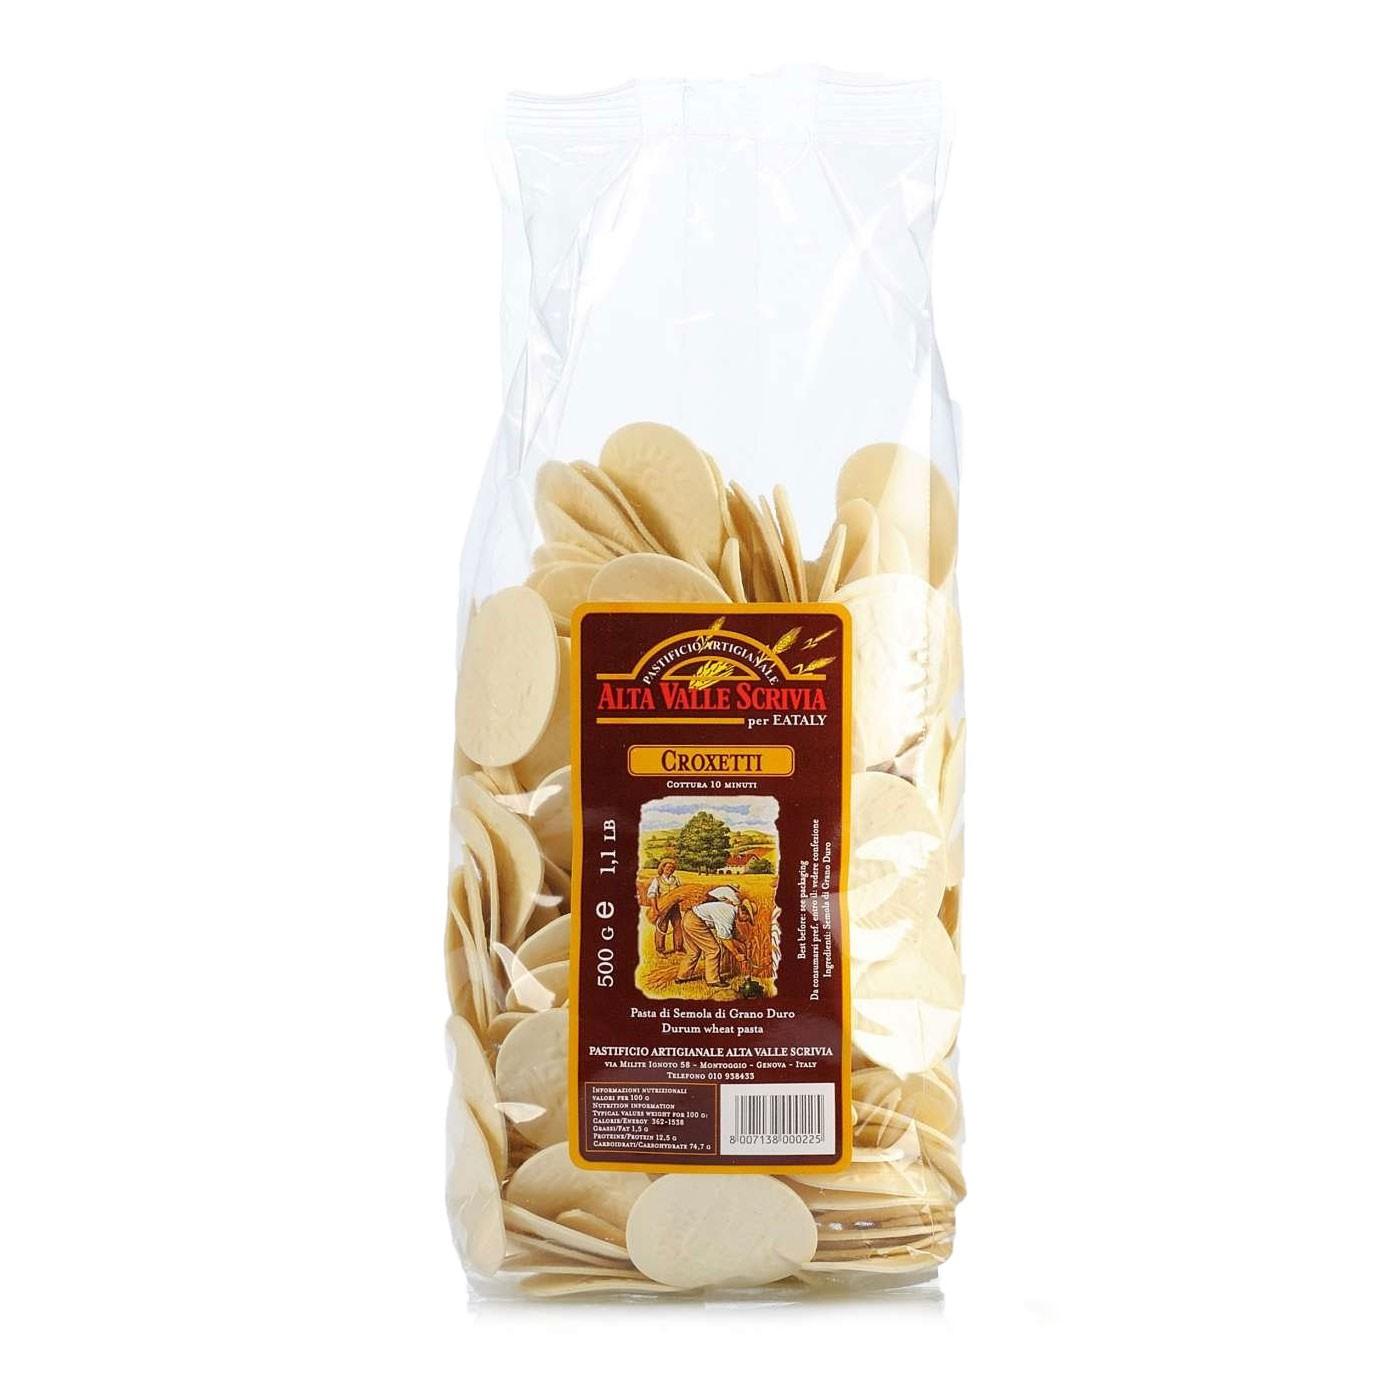 Croxetti Pasta 17.6 oz - Alta Valle Scrivia